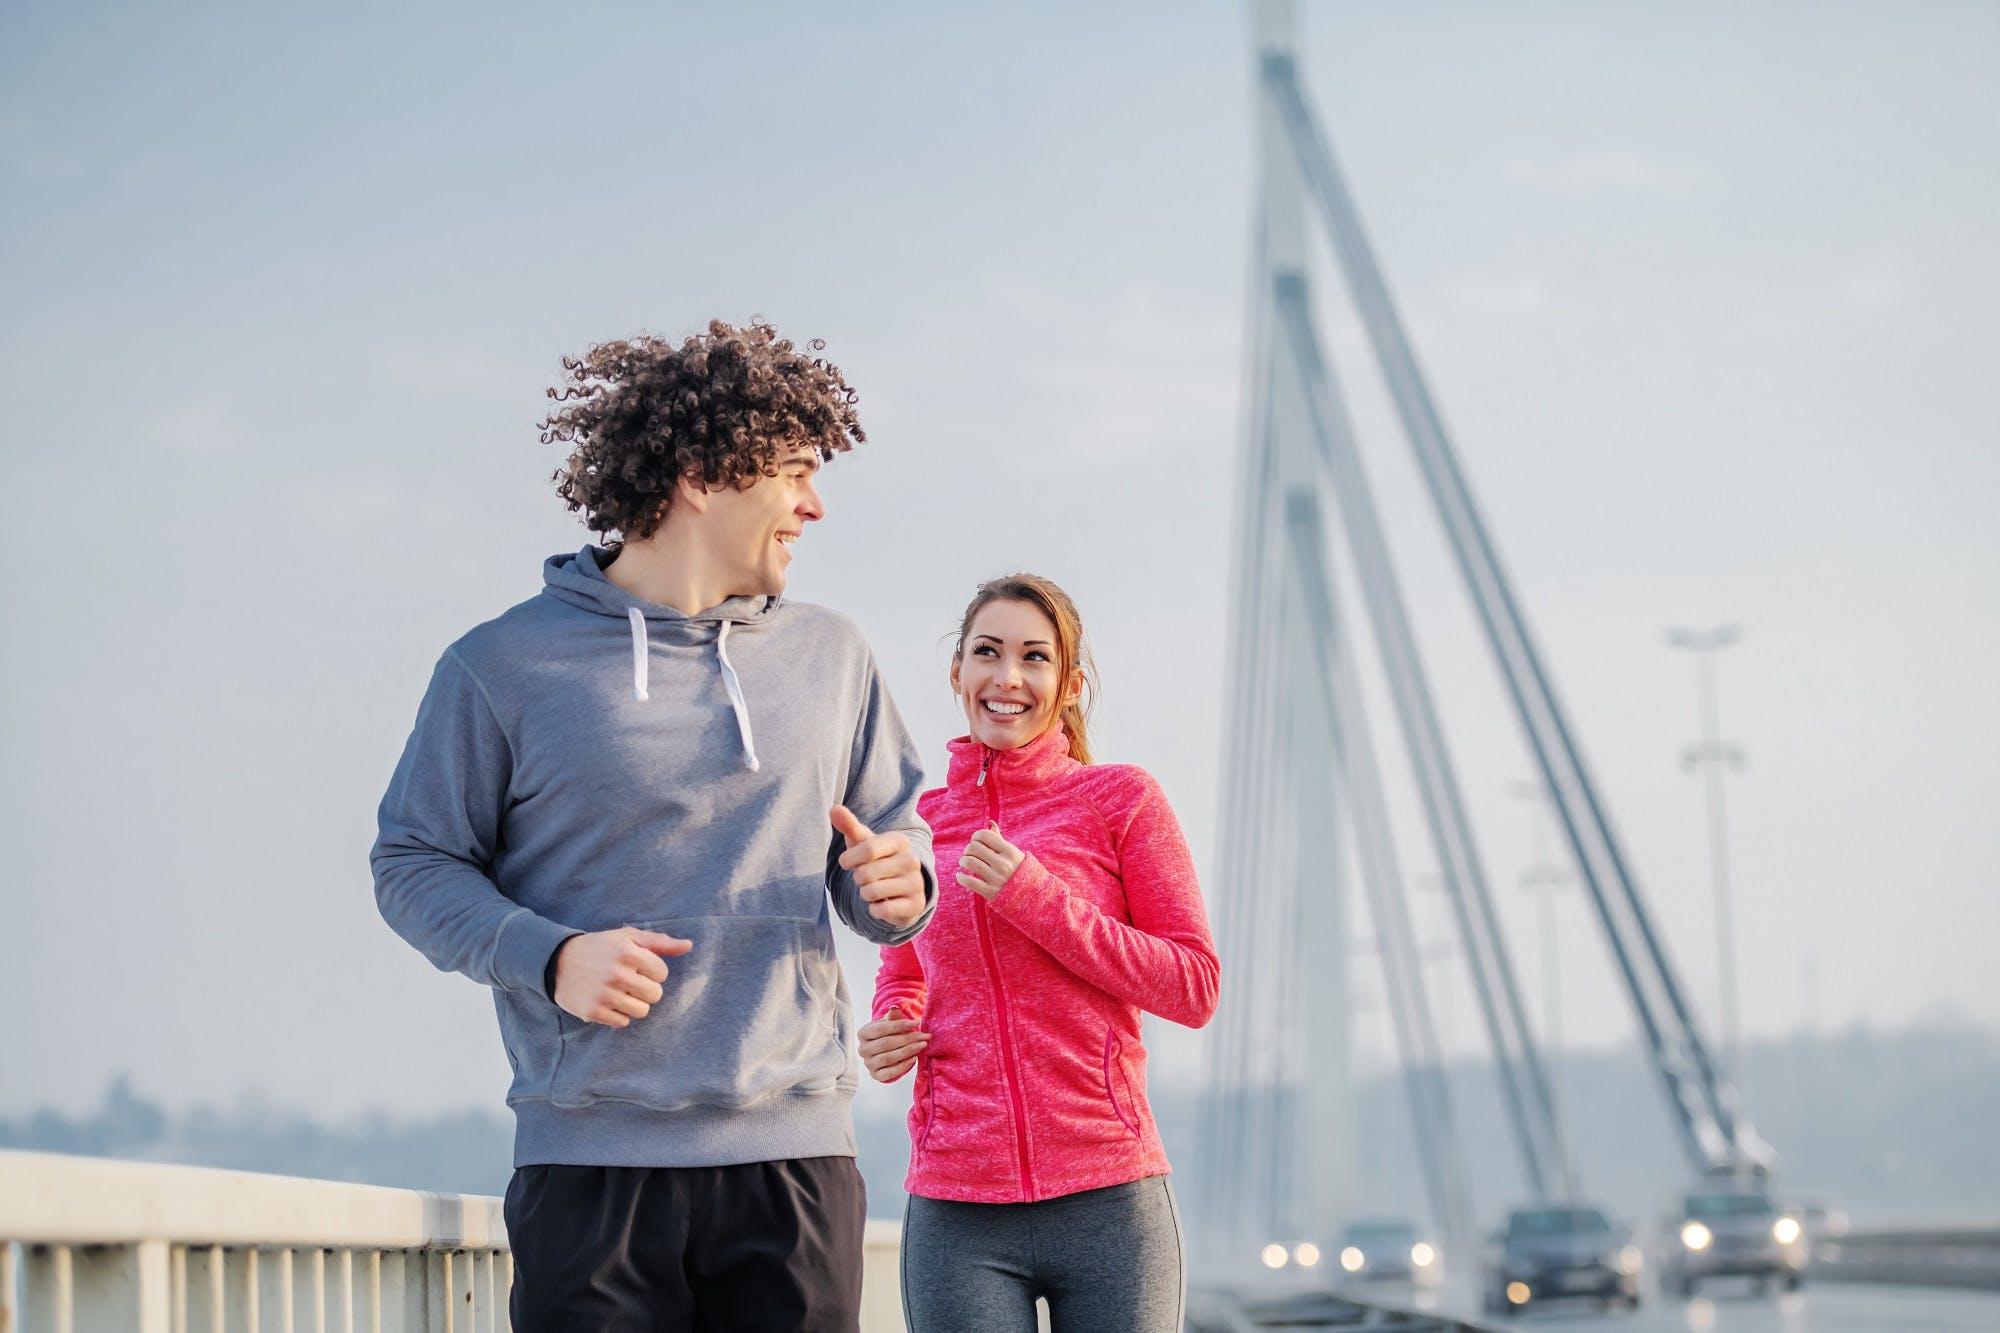 Πως η άσκηση συμβάλει στη βελτίωση της διάθεσης